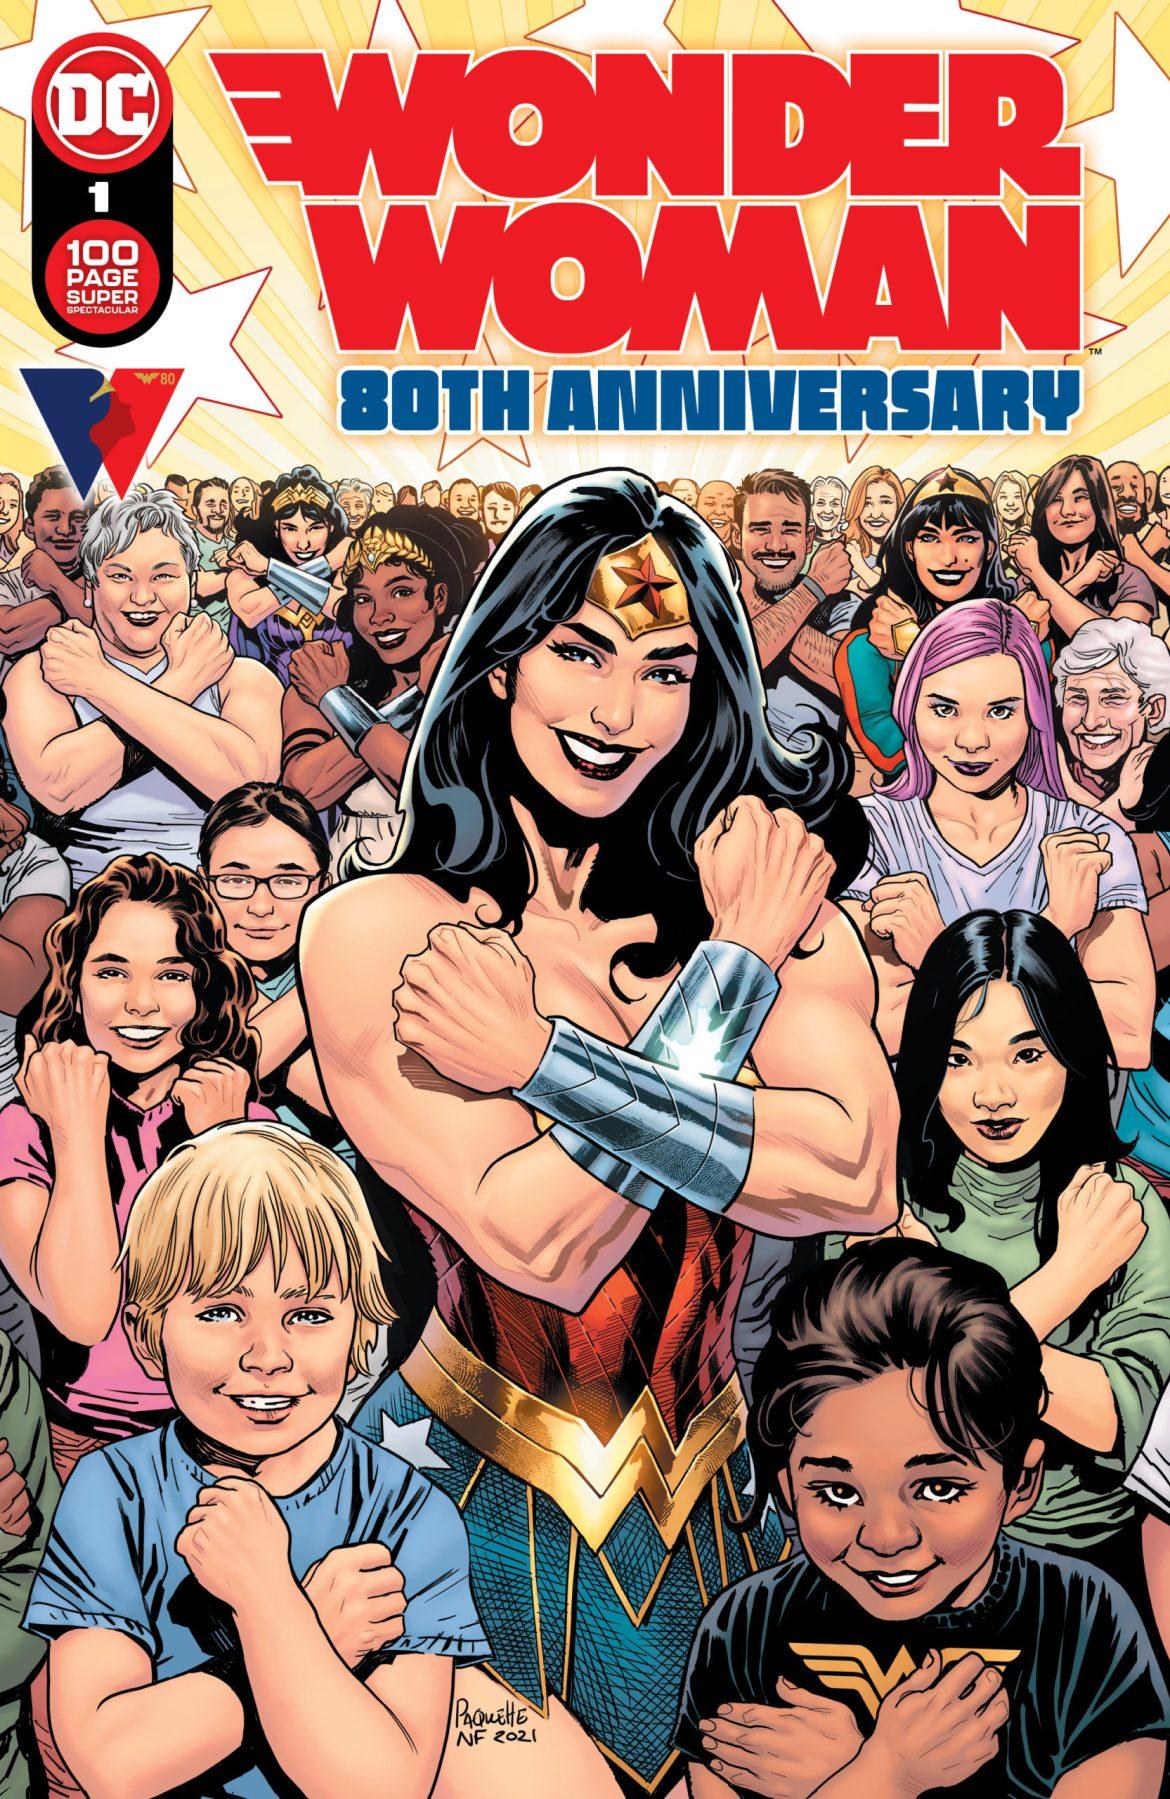 Wonder Woman 80th Anniversary Believe in Wonder